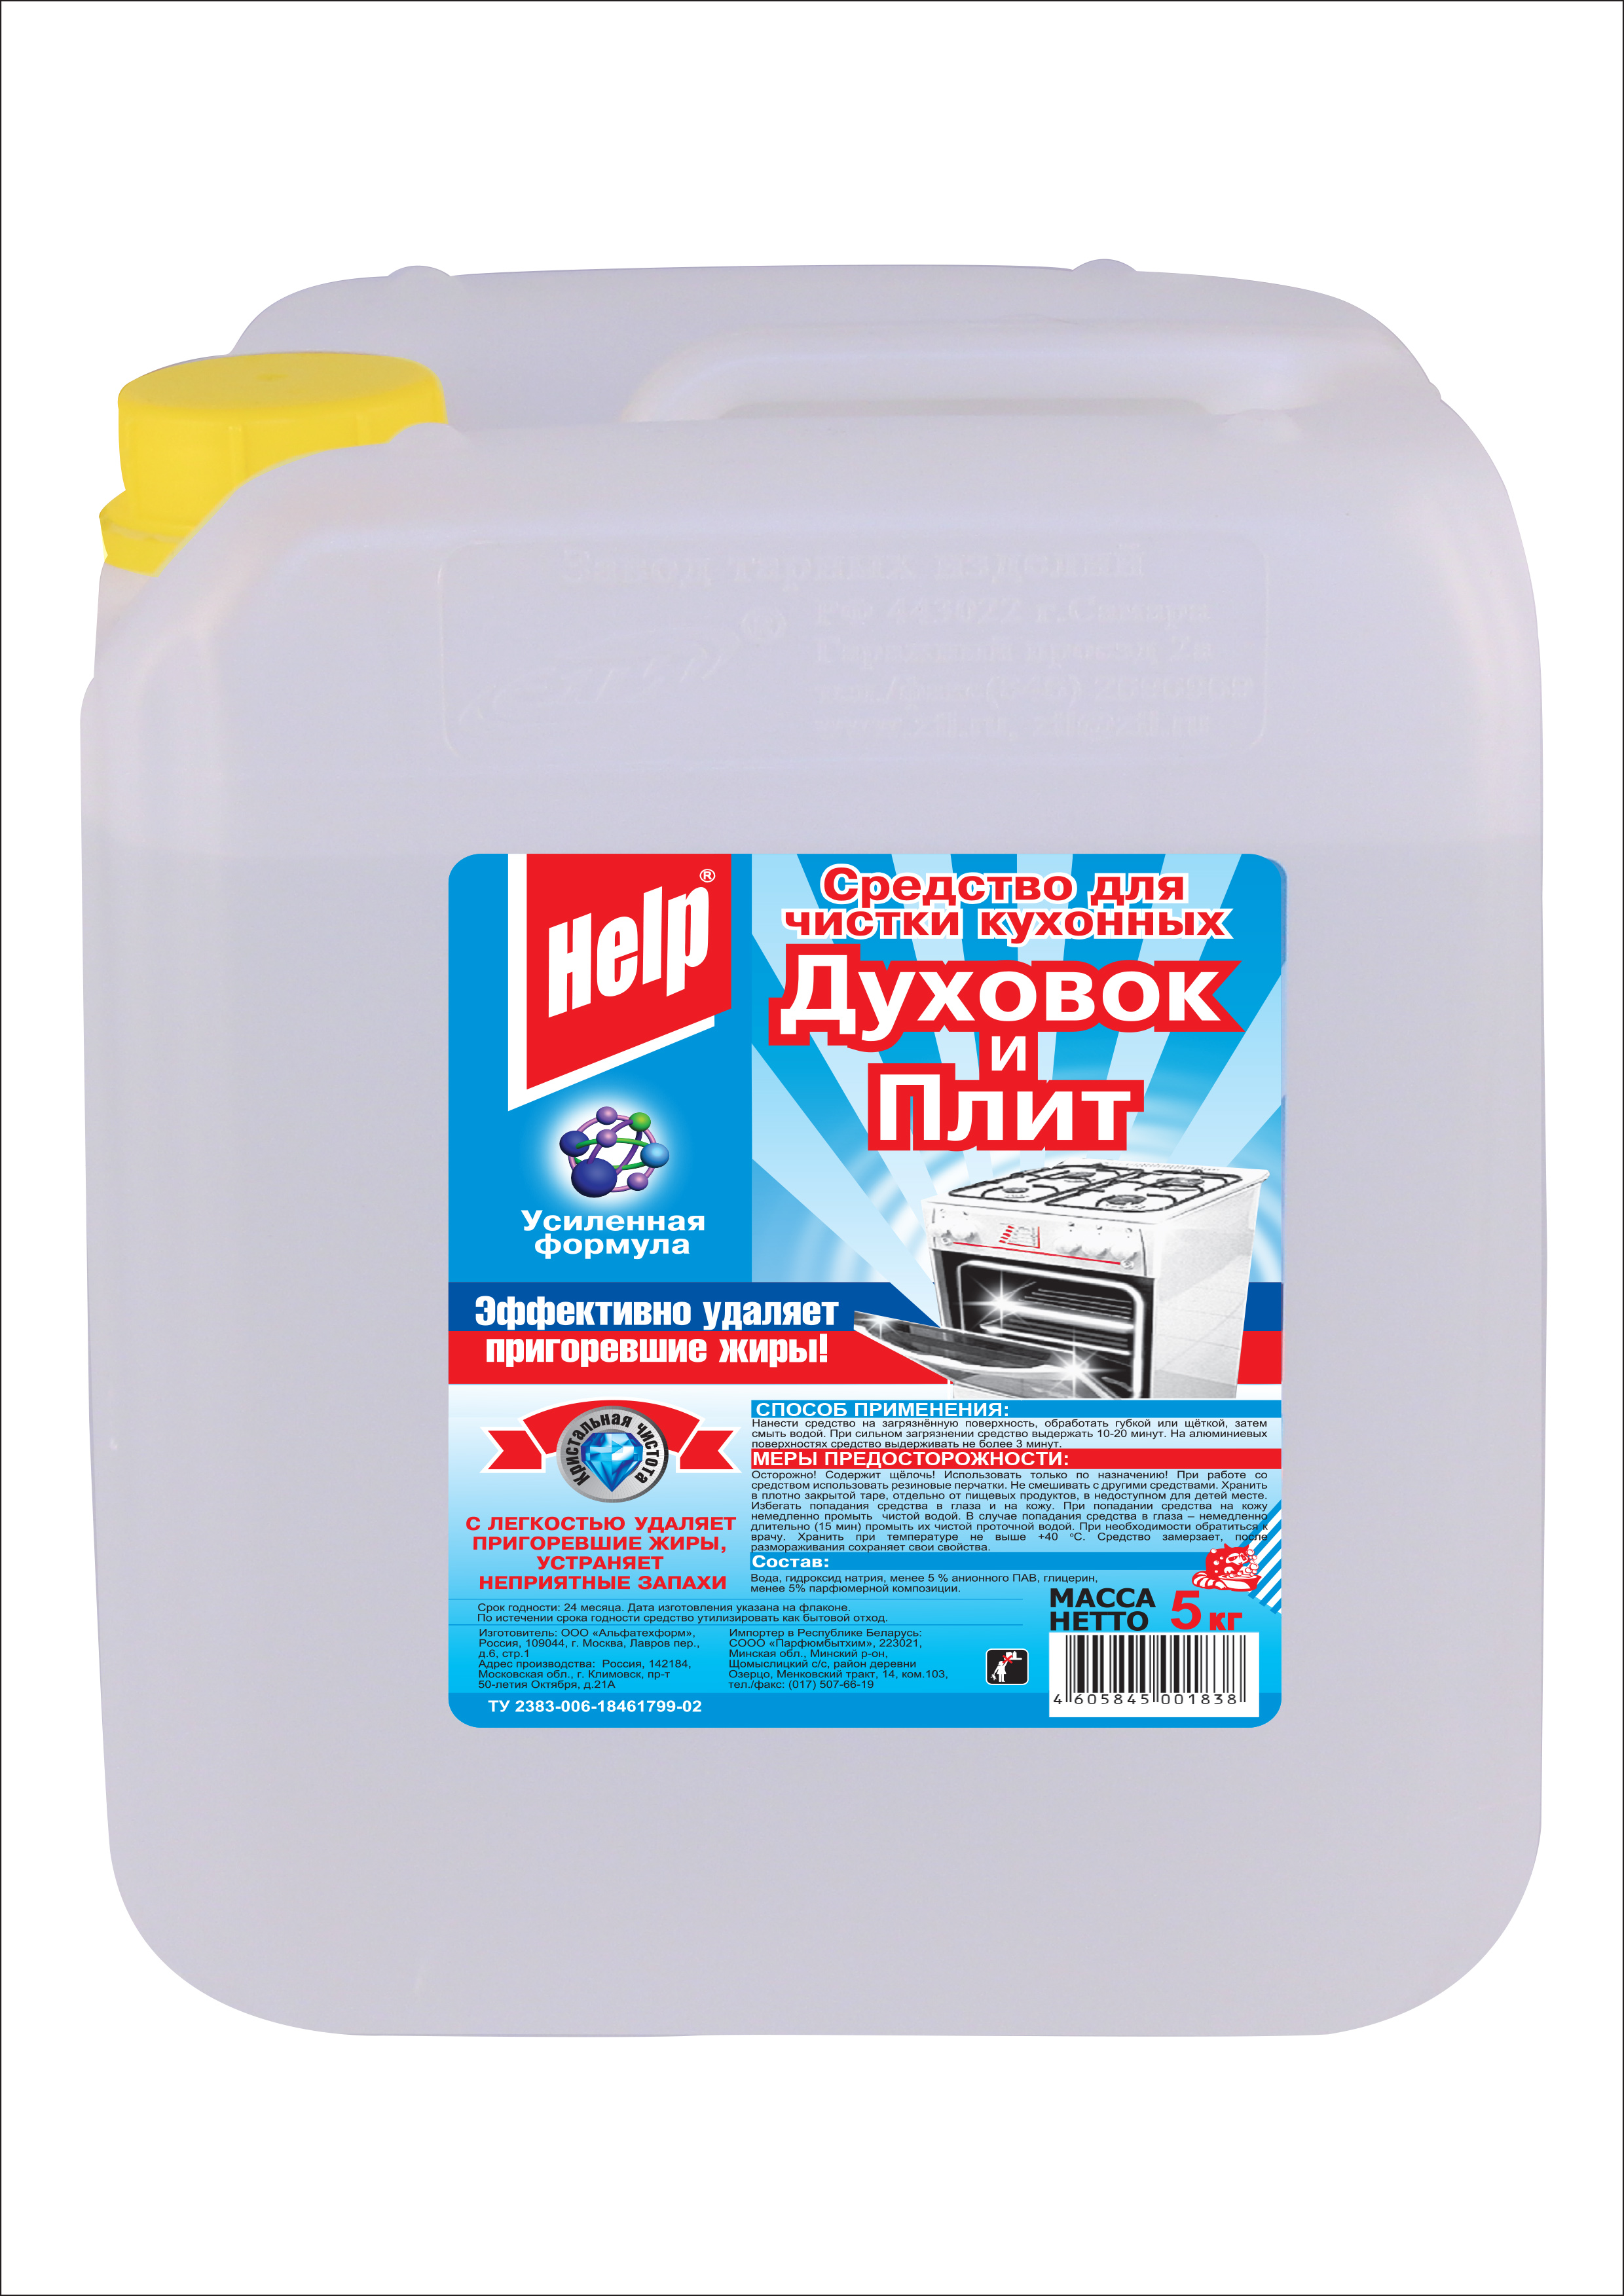 Средство для чистки духовок и плит хелп производство керамических плит ульяновск